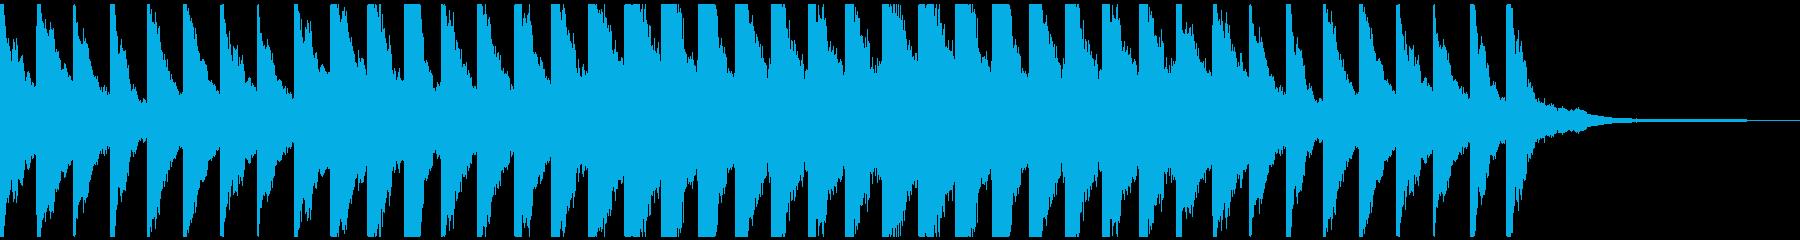 チャイムの様なピアノの再生済みの波形